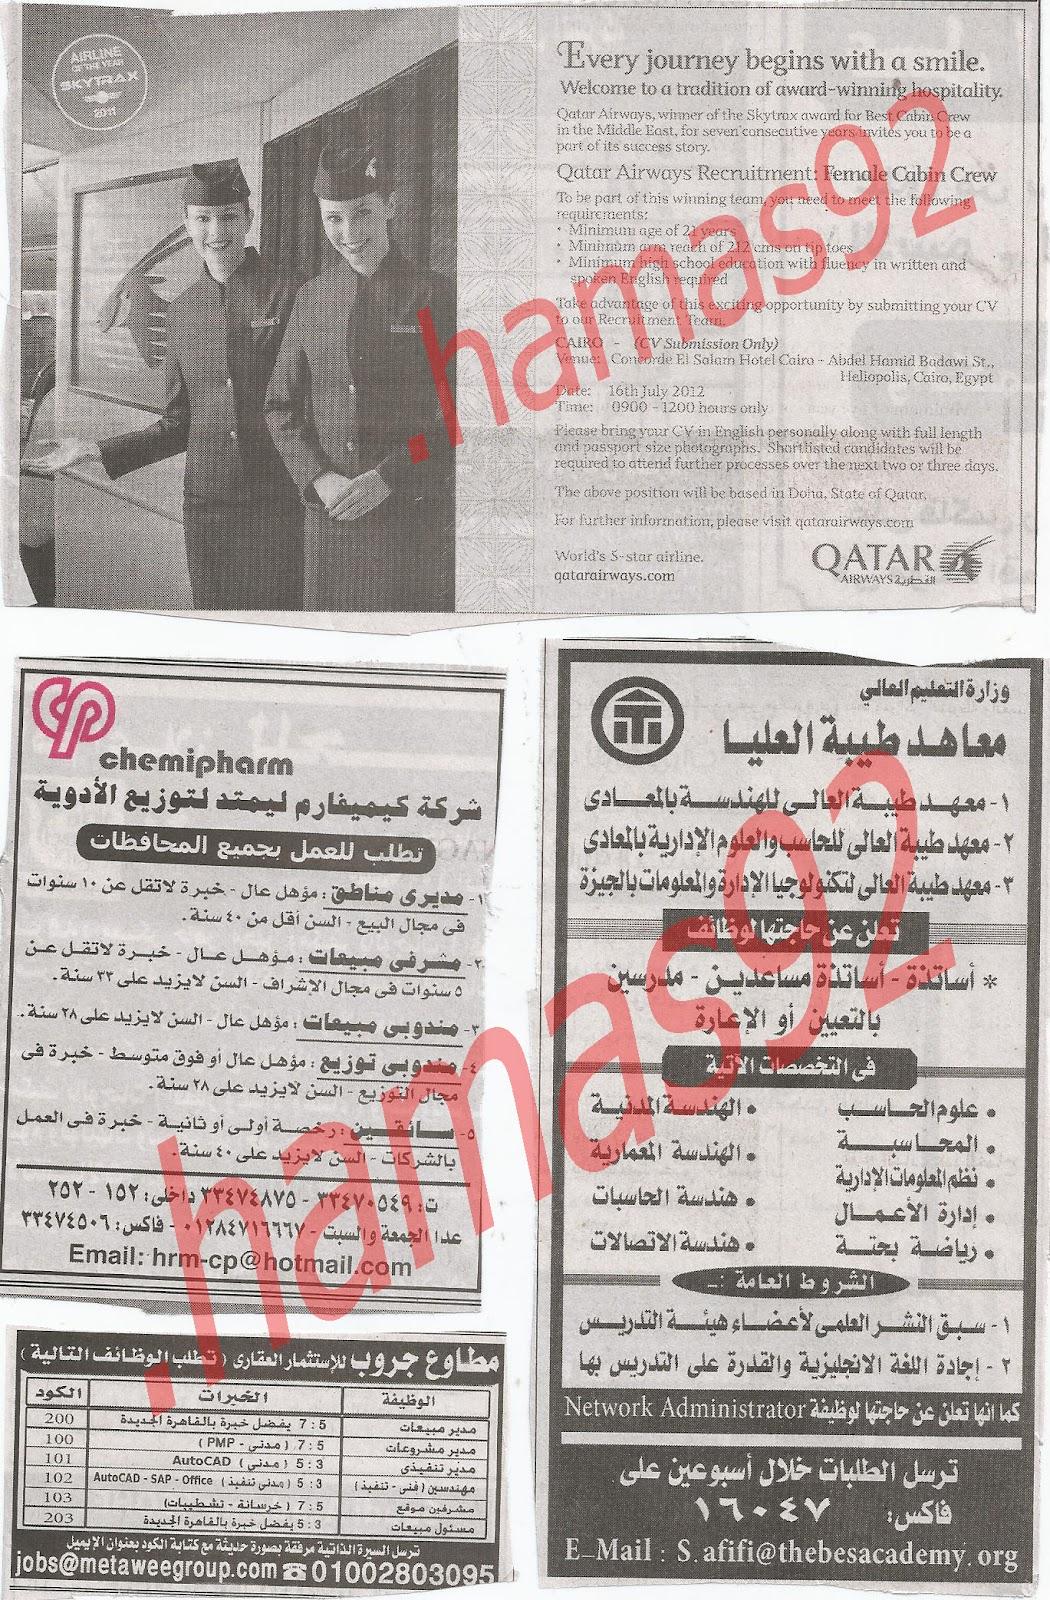 اعلانات وظائف جريدة الاهرام الجمعة 13/7/2012 كاملة - الاهرام الاسبوعى 16